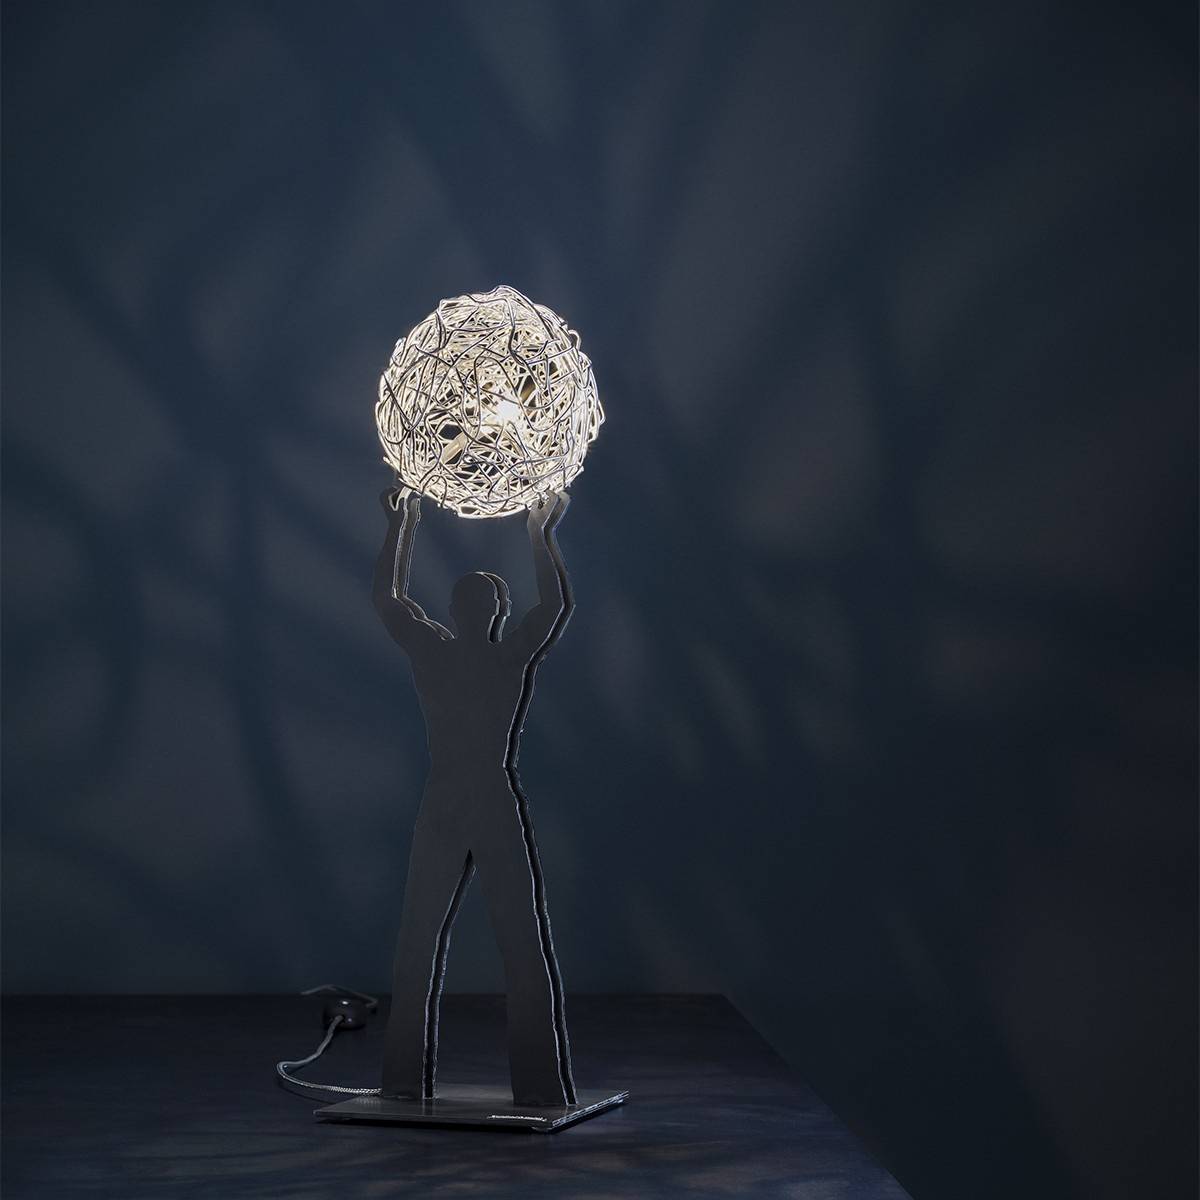 Catellani & Smith Uomo della Luce S Tischleuchte, Ø: 10 cm